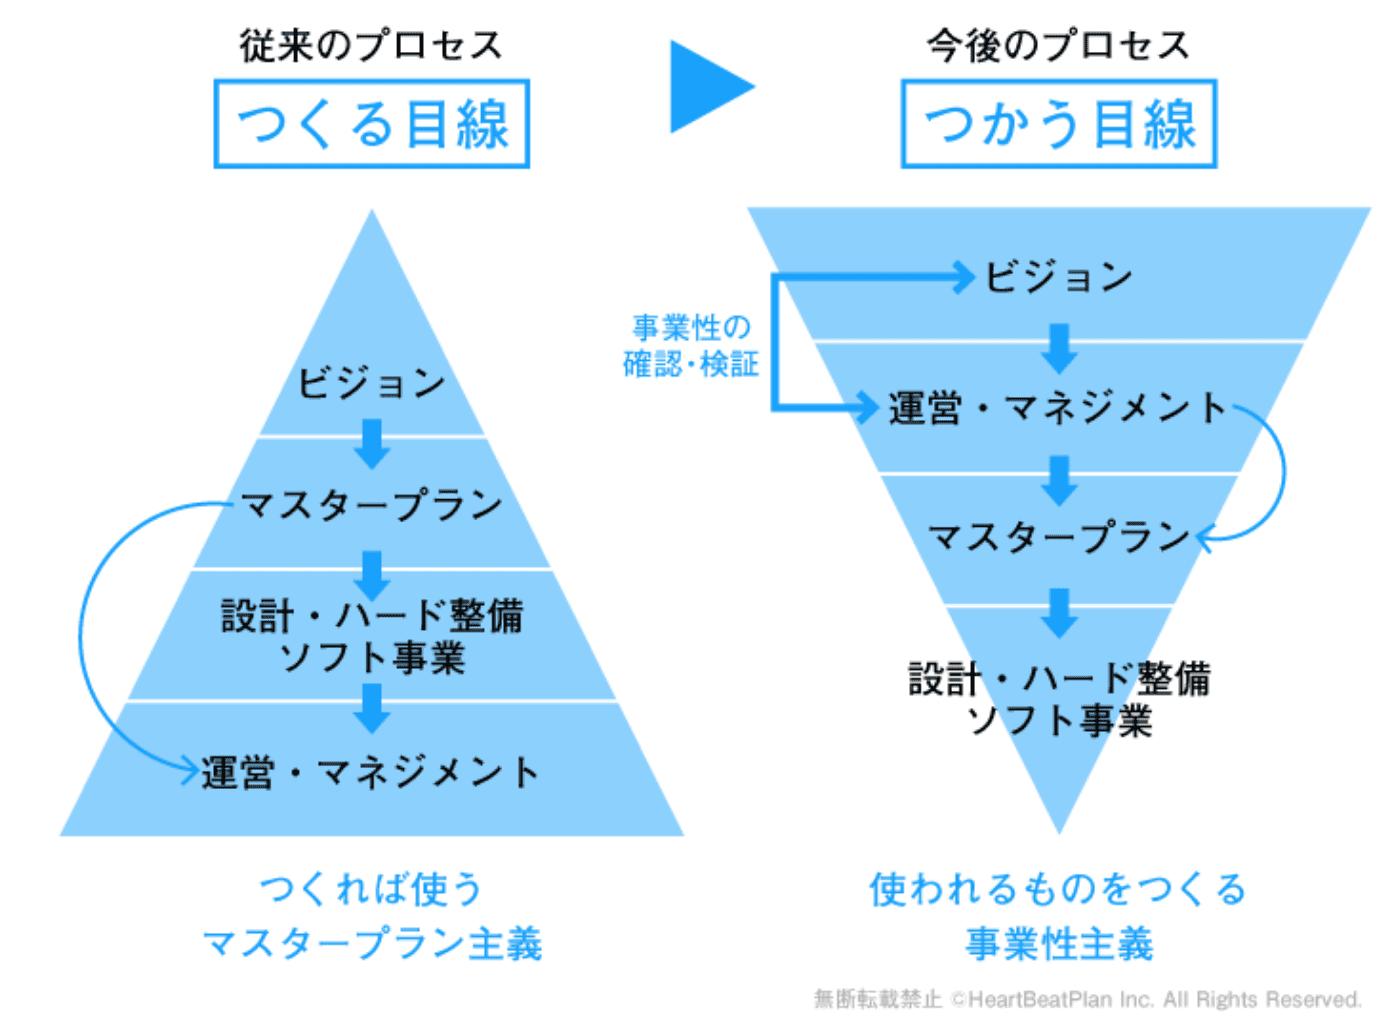 ハートビートプランの事業プロセス